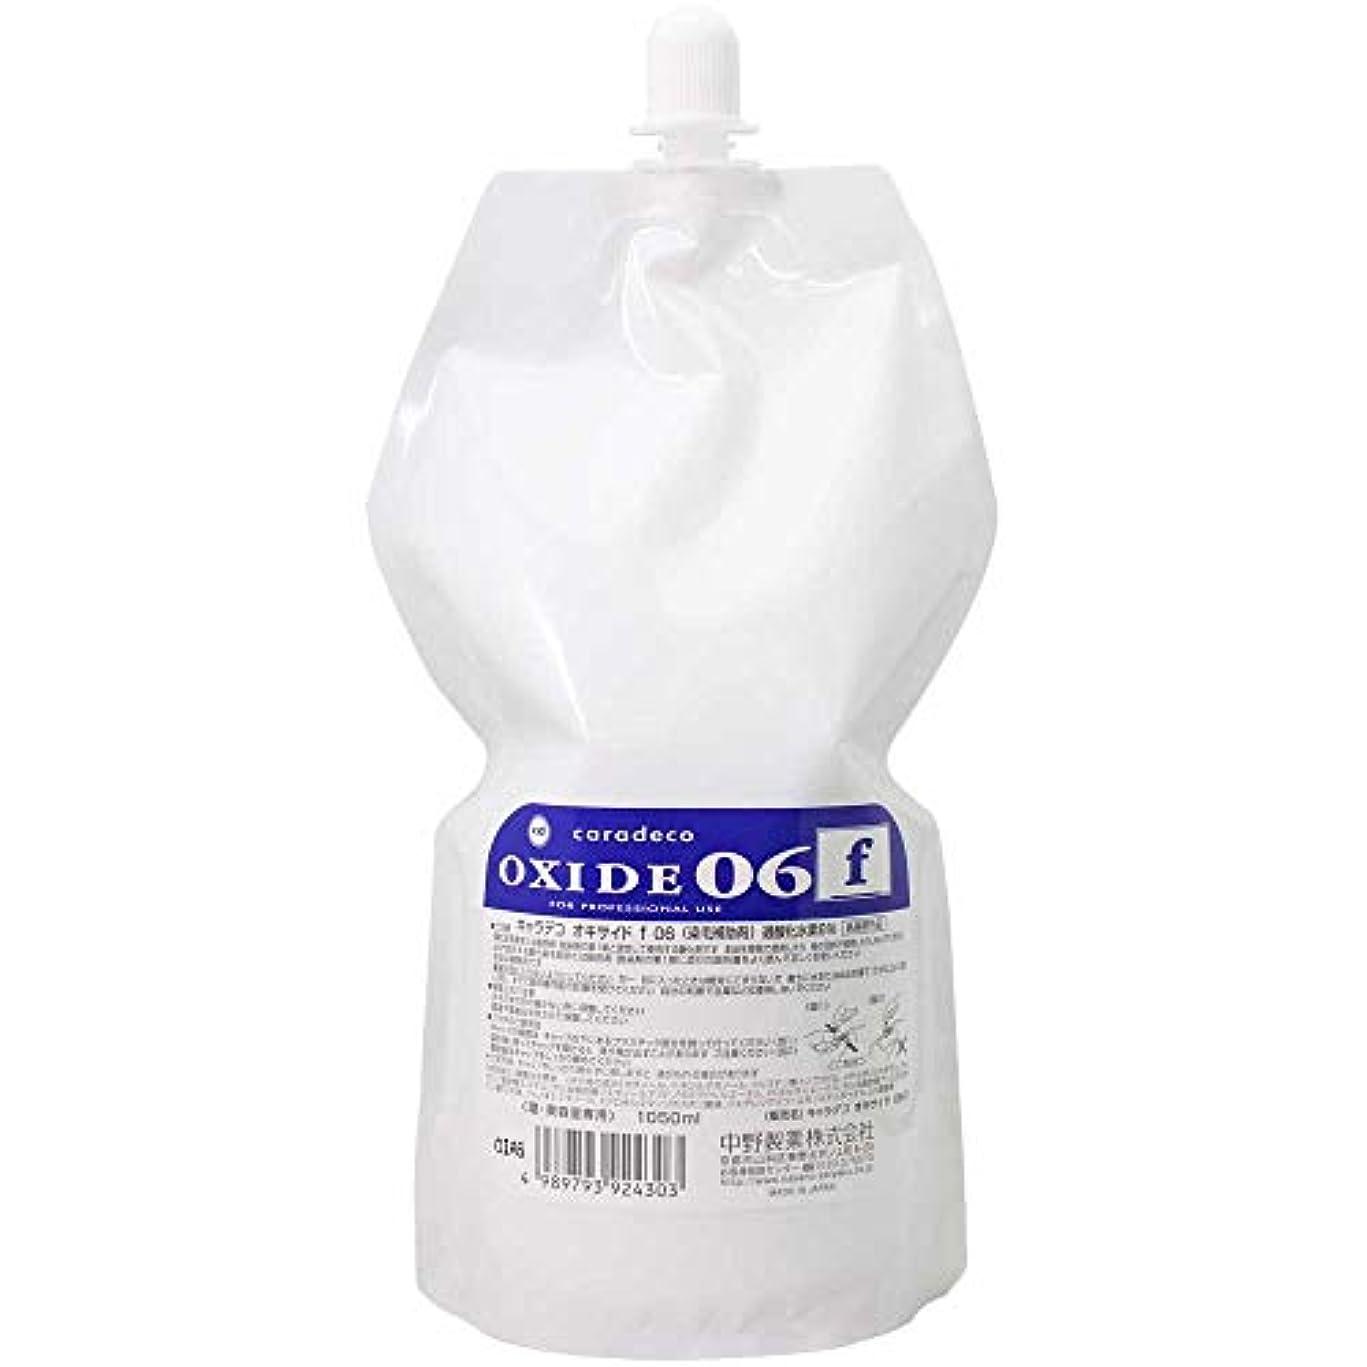 ページ燃料スピリチュアル【ナカノ】キャラデコ オキサイドf 06 第2剤 (過酸化水素6%) 1050ml